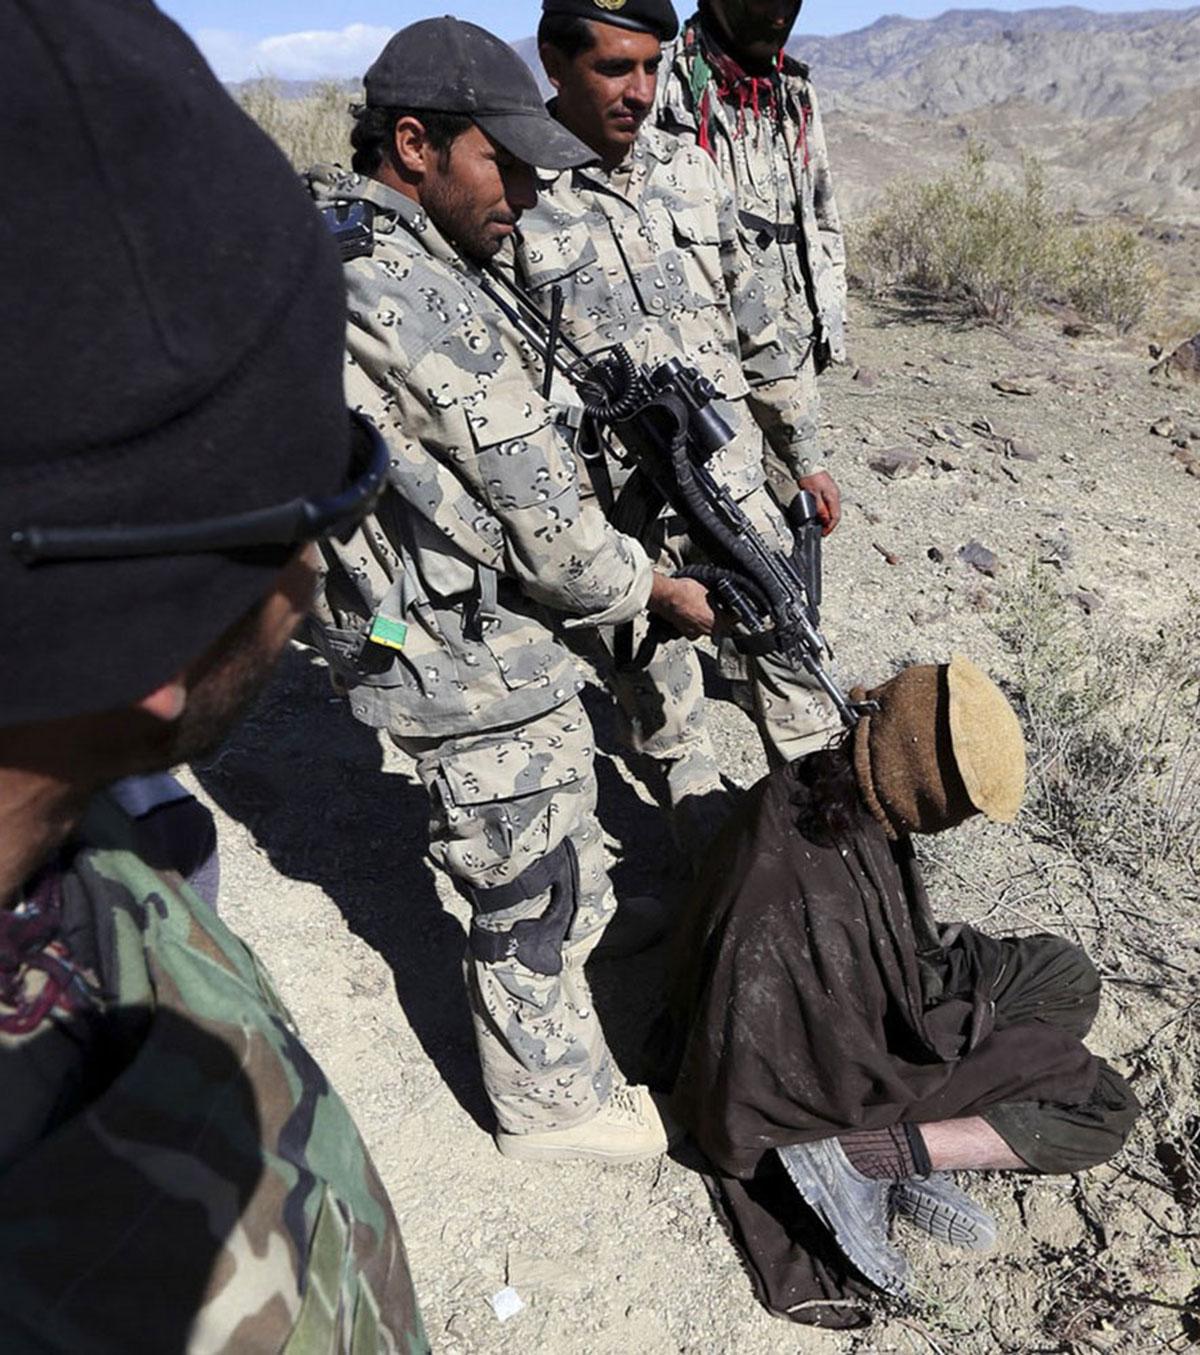 задержанный талиб в Афганистане, фото